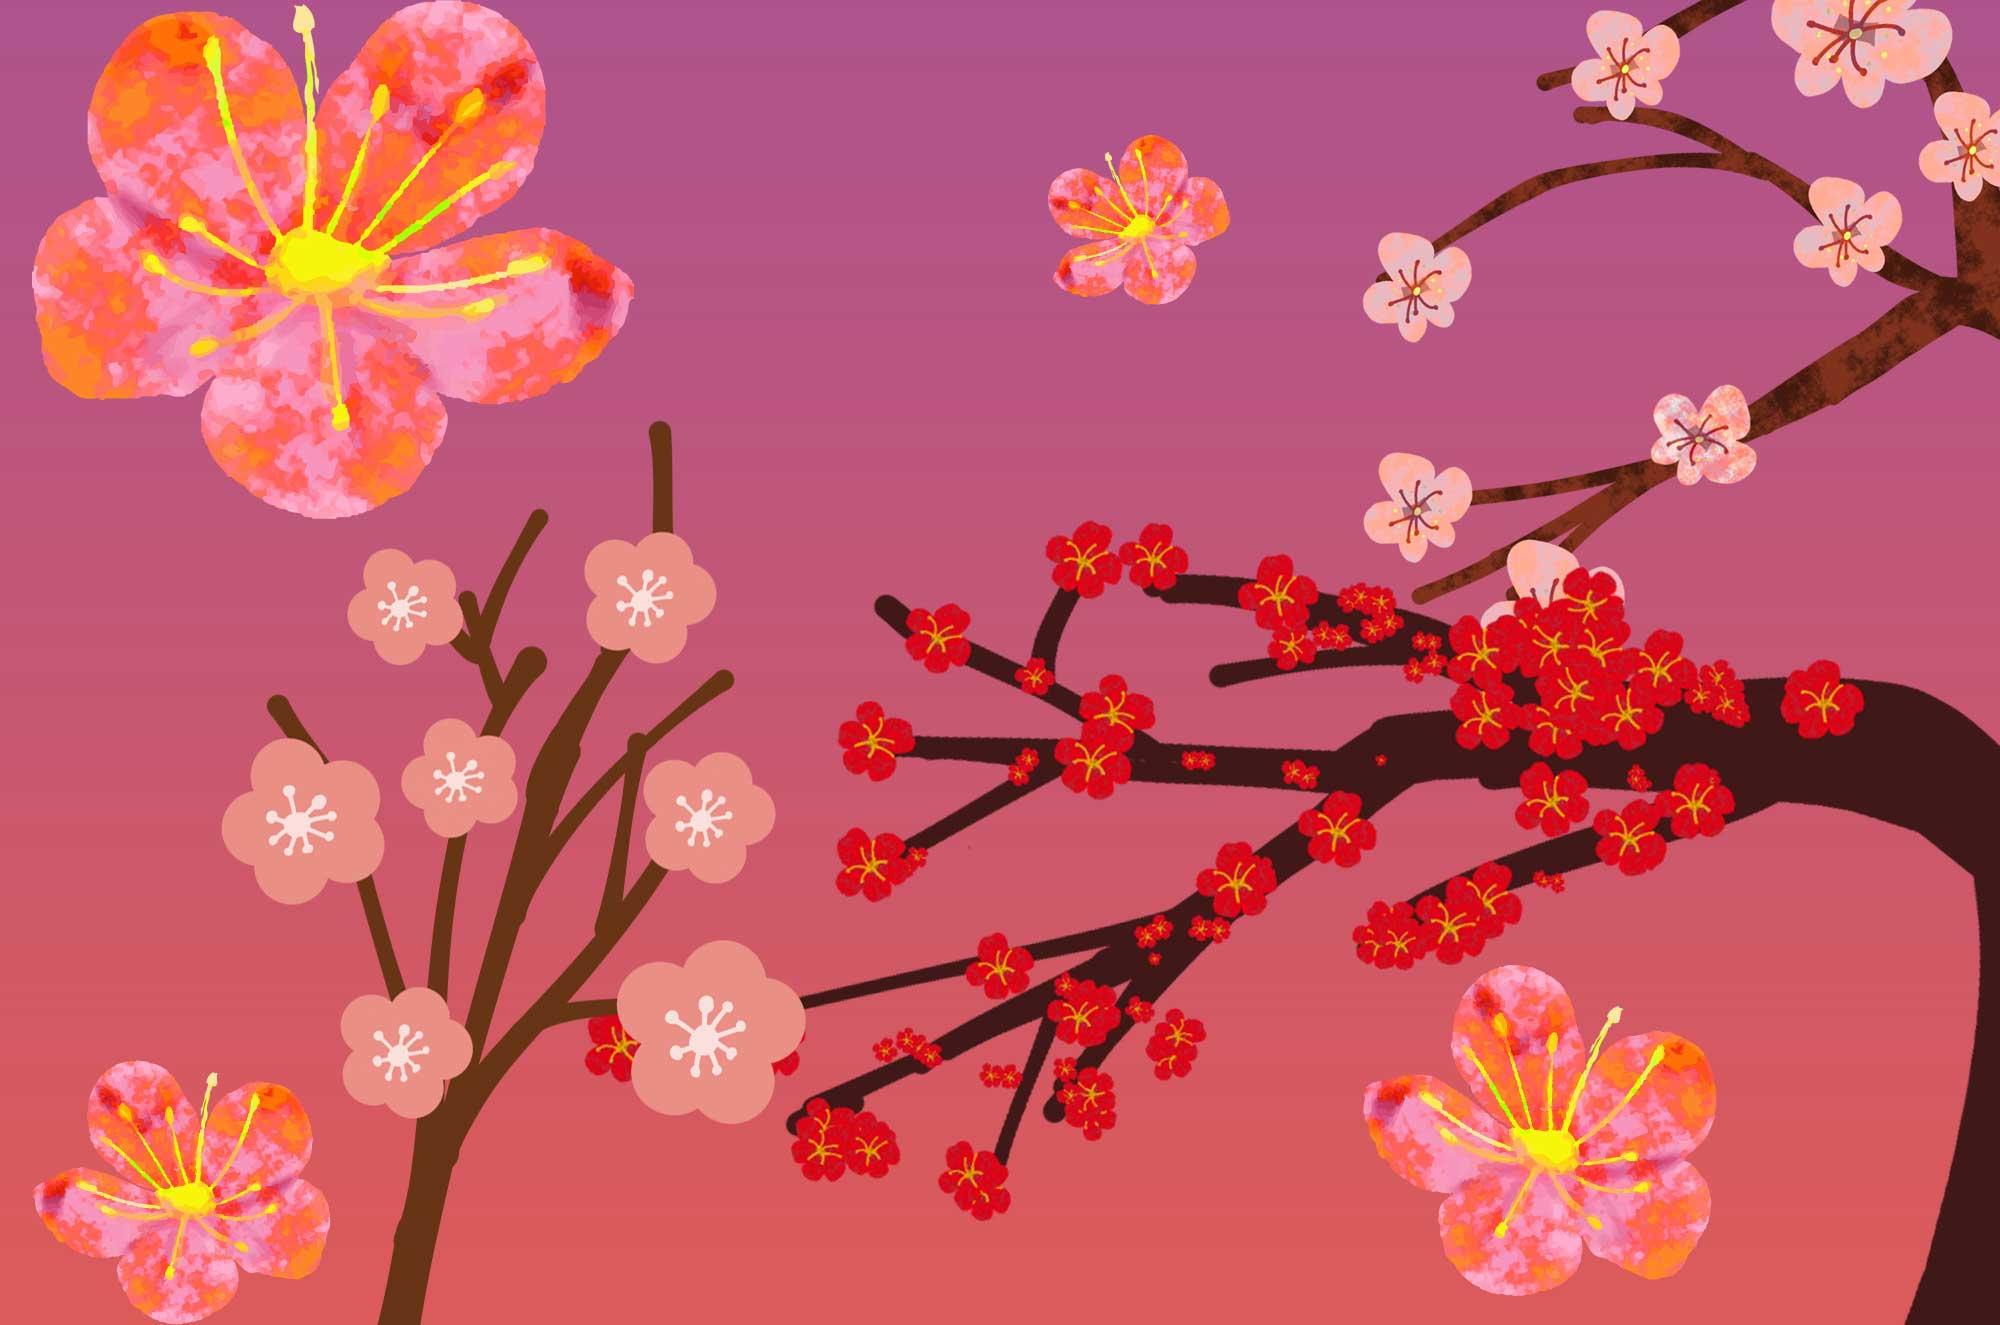 梅の花イラスト - 手書きで描く和の花無料素材